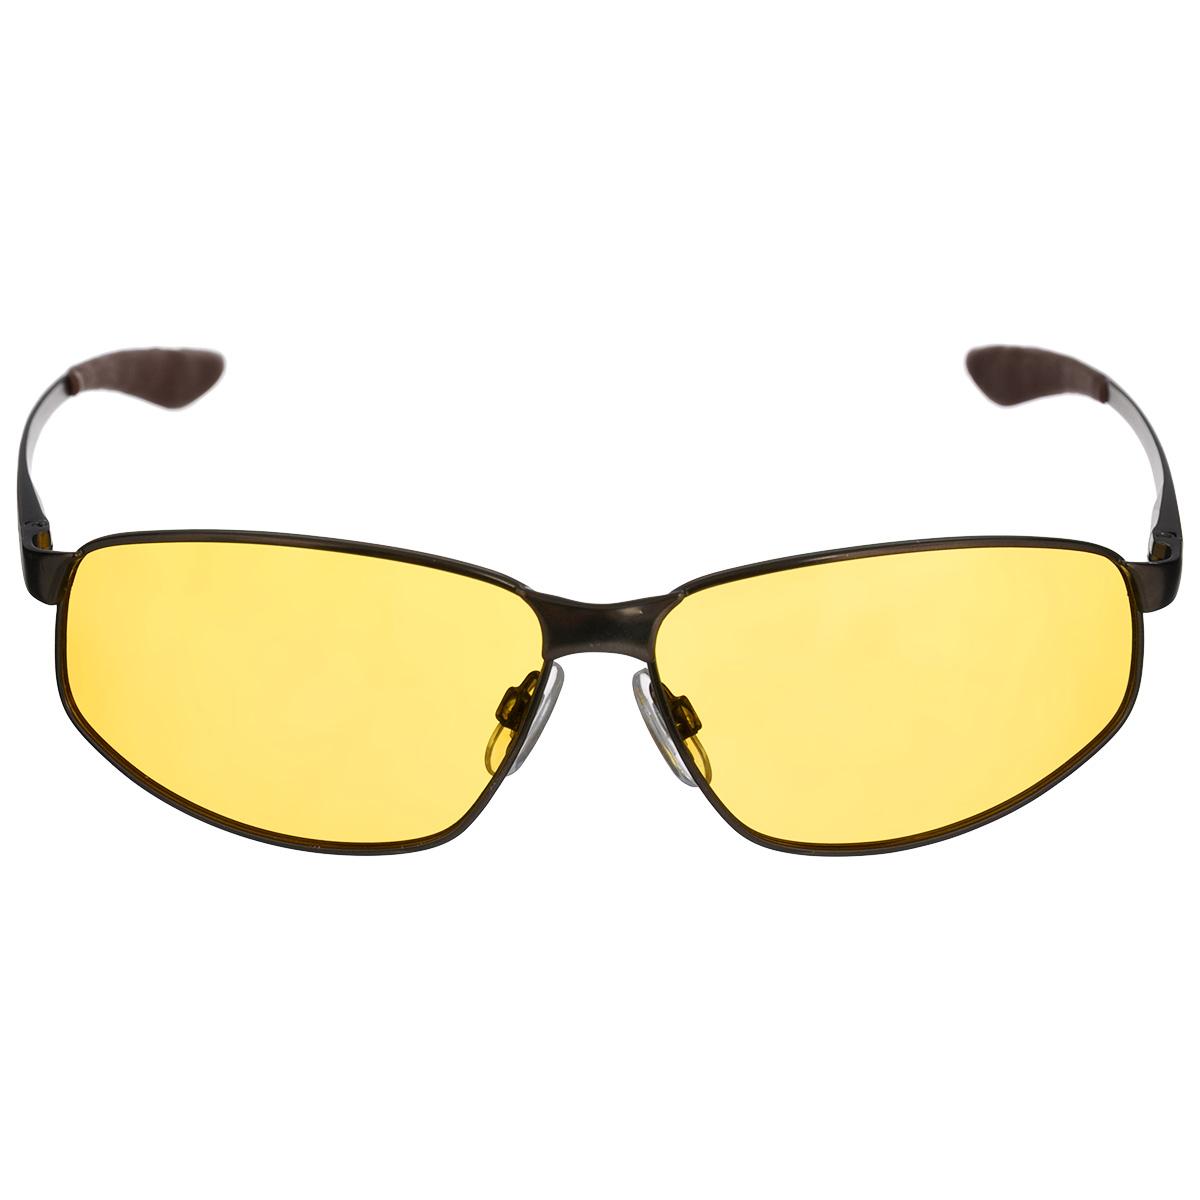 Очки мужские, поляризационные Cafa France, цвет: желтый. CF3108YBM8434-58AEОчки поляризационные Cafa France предназначены для защиты органов зрения от ультрафиолета,а также блокировки бликов. Оправа изготовлена из гибкого пластика, который не бьется и не подвергается остаточным деформациям. Оправа разработана для комфортного и безопасного вождения - легкая, надежная, не закрывающая обзор в зоне периферийного зрения. Прорезиненные элементы на дужках и надежные узлы крепления предотвращают соскальзывание.Категория затемнения линз - Cat.1.Практичный аксессуар не только защитит ваши глаза, но и ярко подчеркнет ваш стиль.